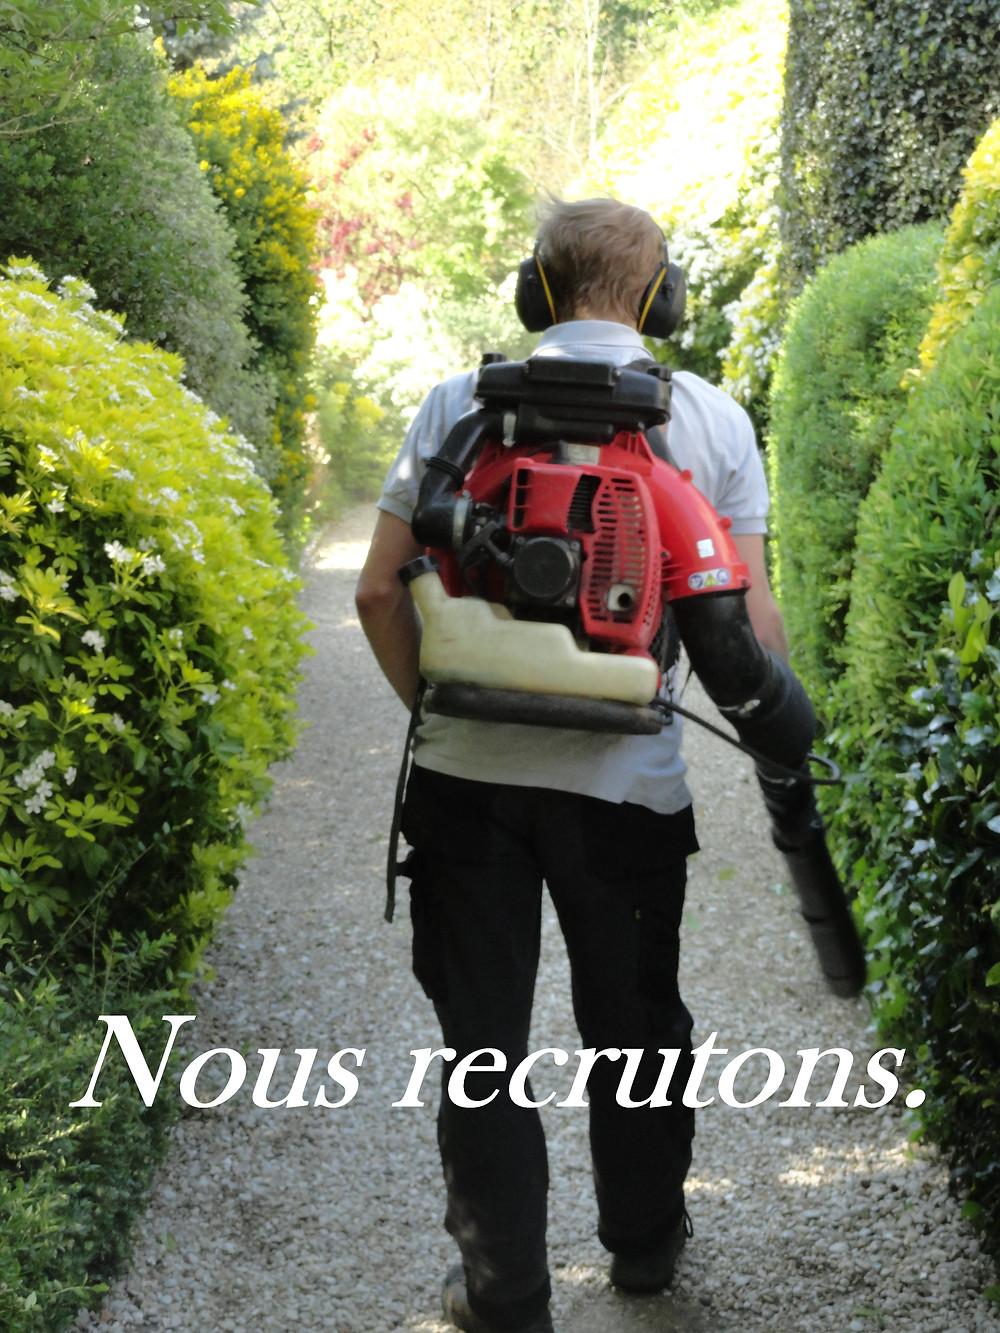 - CDD à partir du 01/03/2018 jusqu'au 31/07/2018, puis CDI  - Secteur : Ouest Parisien (Paris, Hauts de Seine et Yvelines)  - Nous recherchons un(e) jardinier(ère) pour accompagner l'équipe actuelle sur les entretiens et les créations de jardins. Son travail consistera dans un premier temps à seconder les jardiniers expérimentés, puis il sera formé sur le terrain pour évoluer en tant que jardinier confirmé.  - Profil recherché : organisé, réactif, rigoureux, déterminé, curieux, capable de résister aux conditions climatiques, bonne condition physique ; nous souhaitons un(e) jardinier(ère) autonome et avec l'esprit d'équipe.  - Permis B apprécié  - Intérêt pour la nature et les jardins recommandé  - Rémunération légale en vigueur  CV à envoyer à info@lesjardinsdelacolline.fr